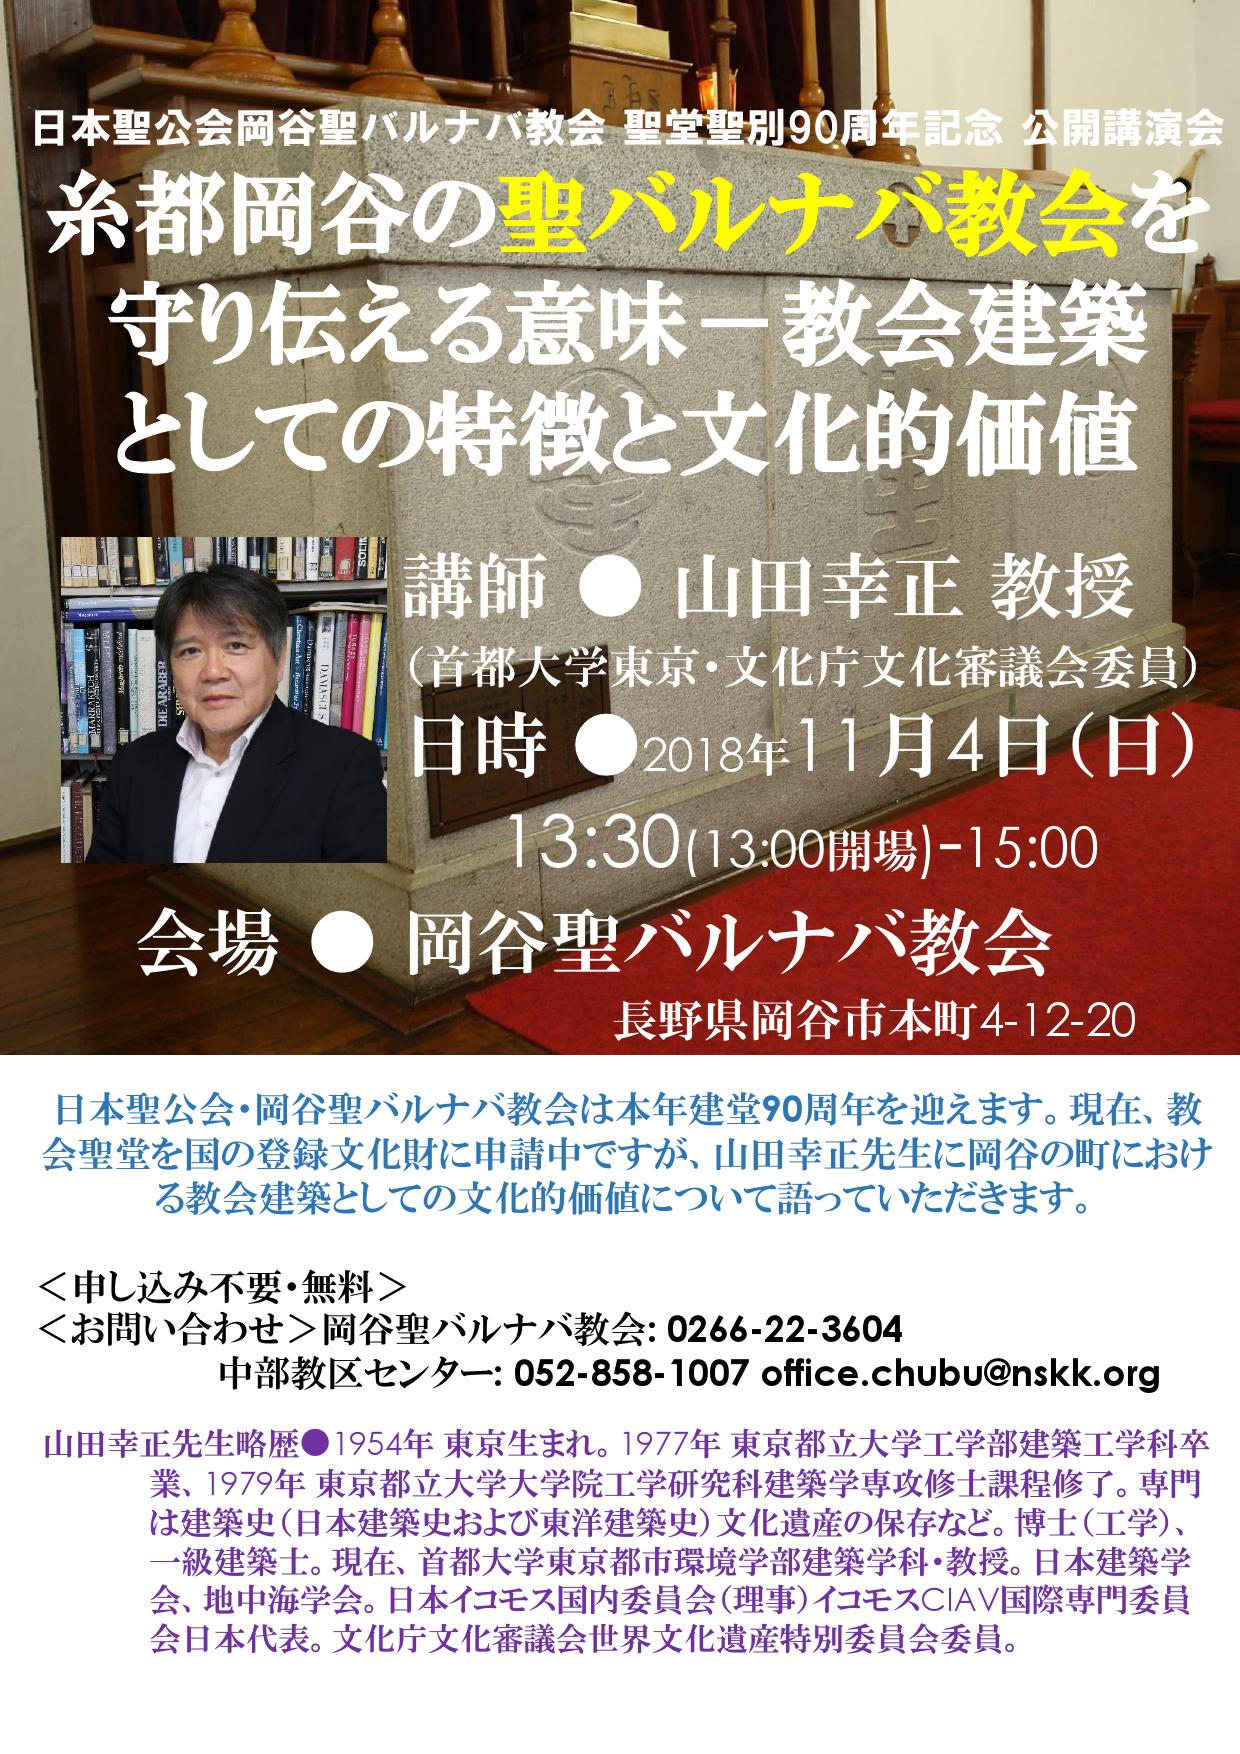 岡谷聖堂聖別90周年記念公開講演会チラシ表面 (1) (1)_000001